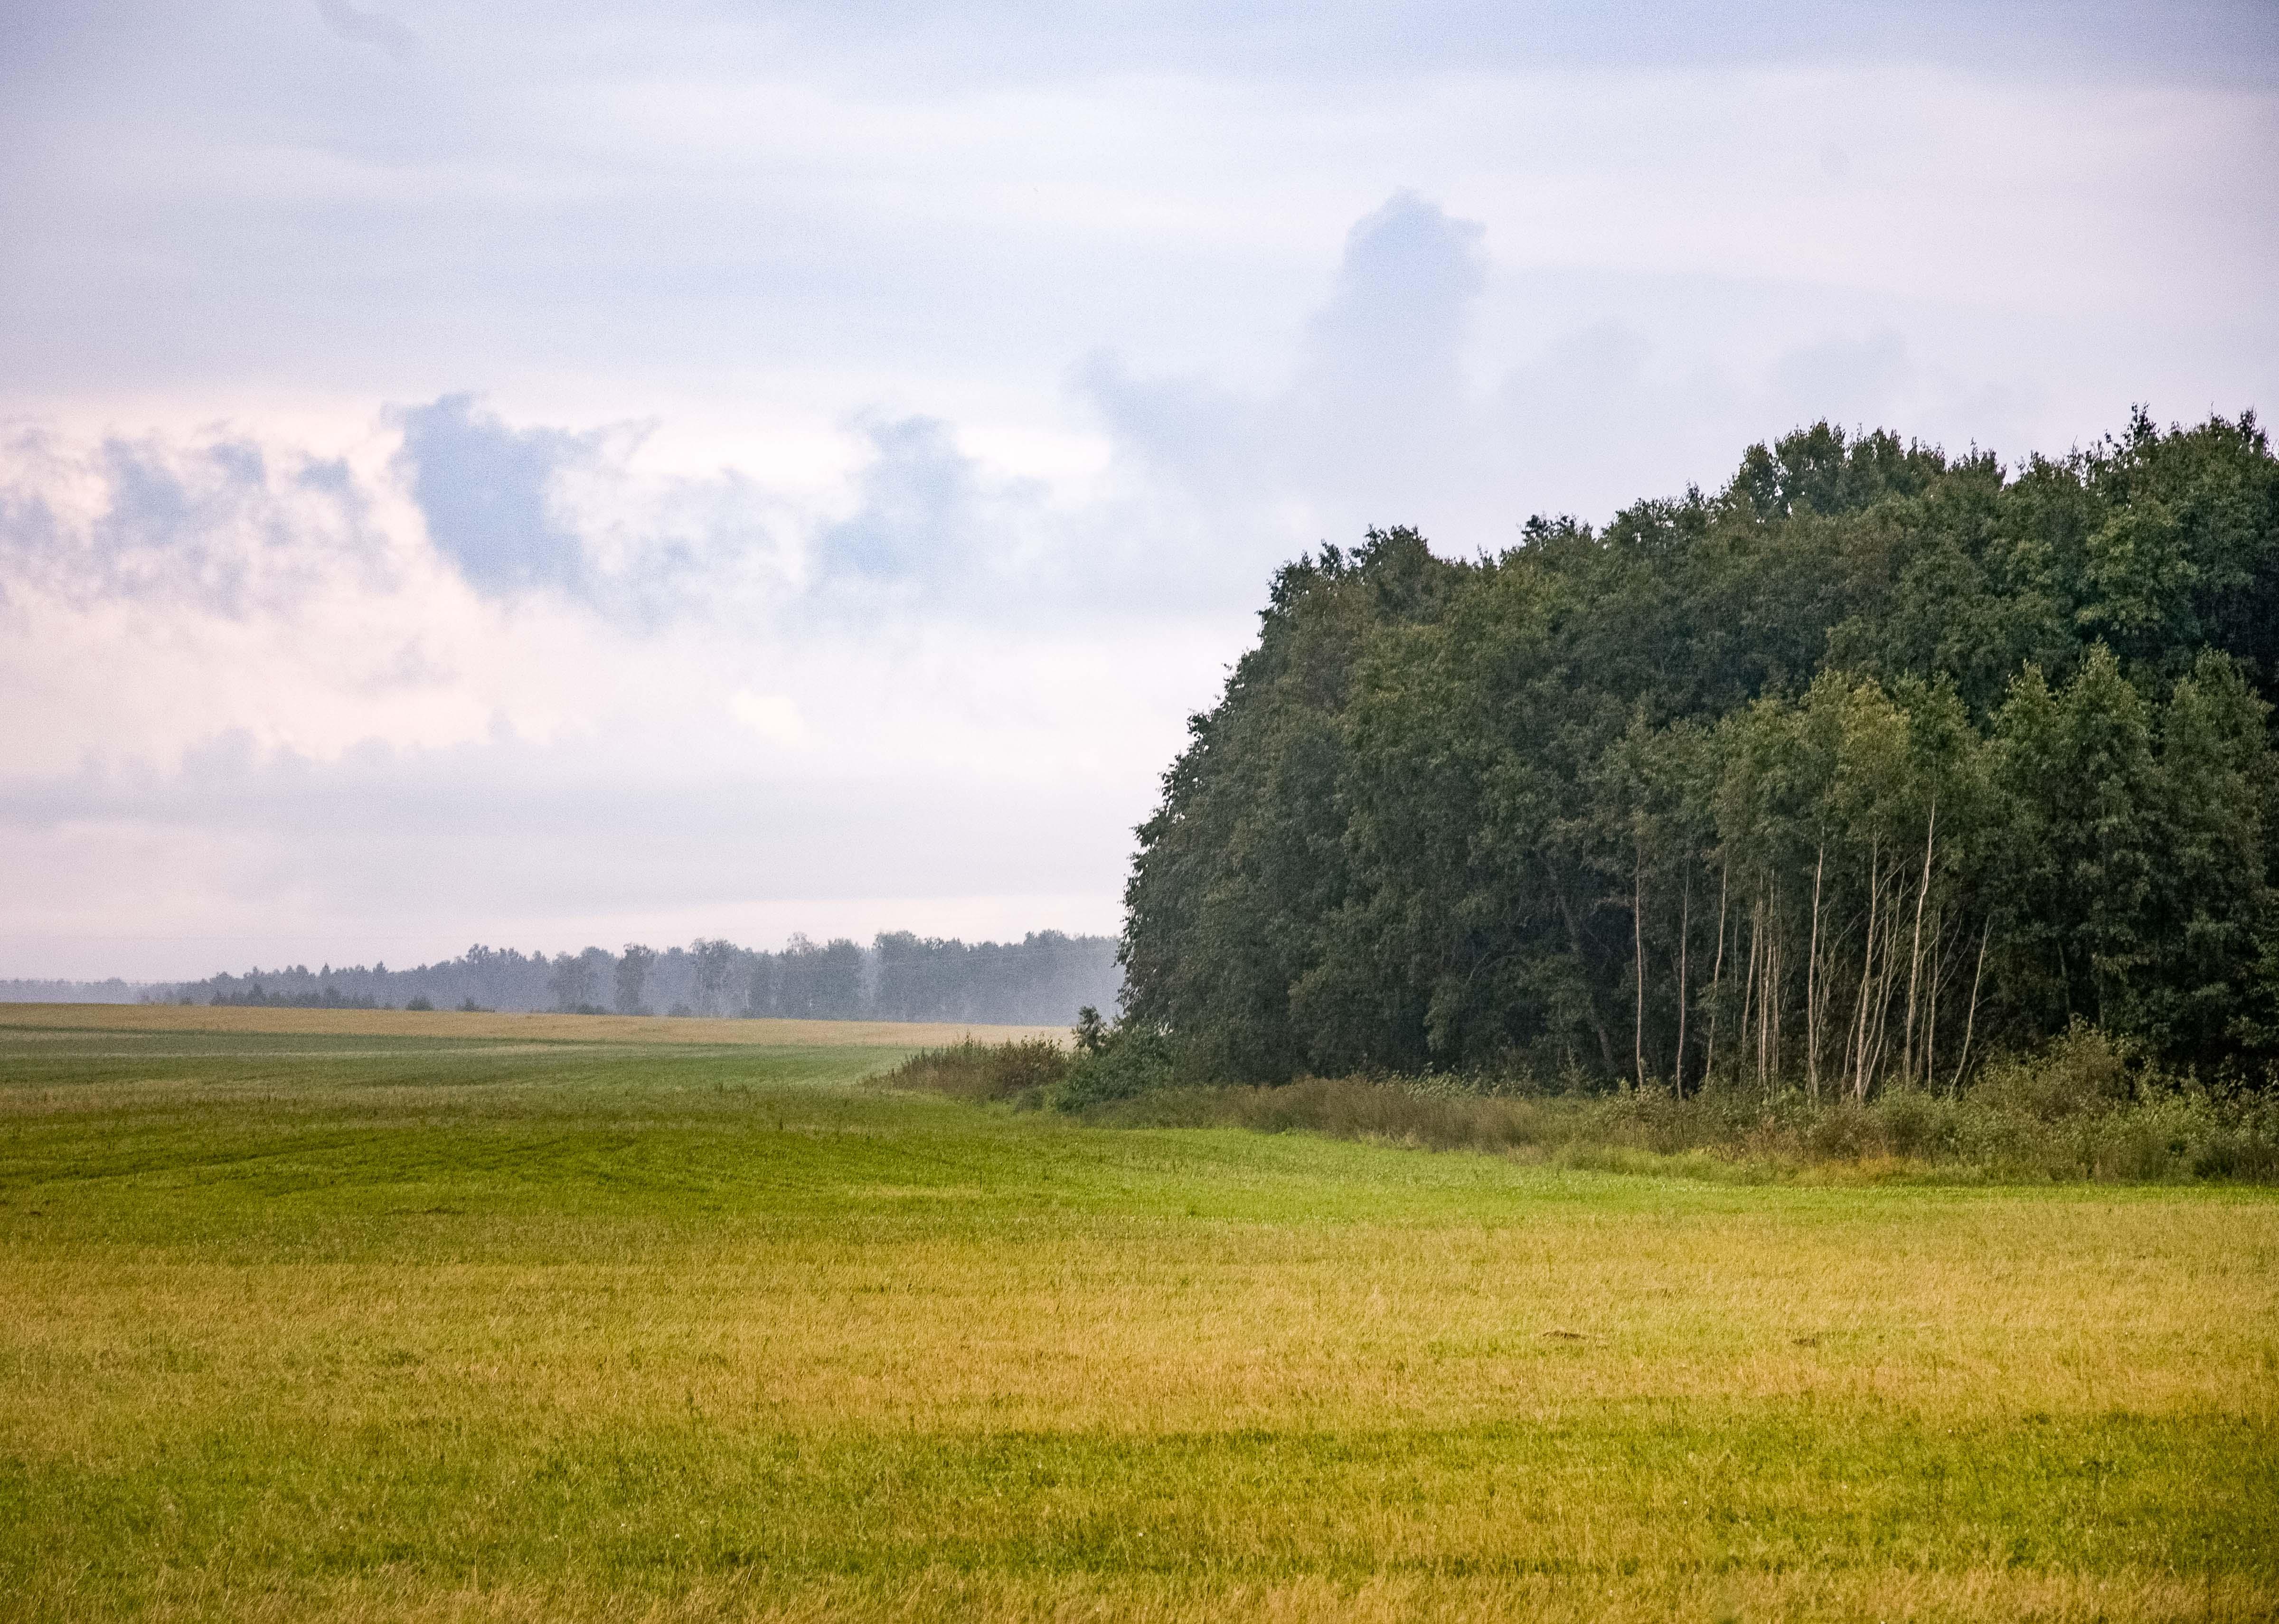 Estonia, Jarvamaa Prov, Landscape, 2010, IMG_1317